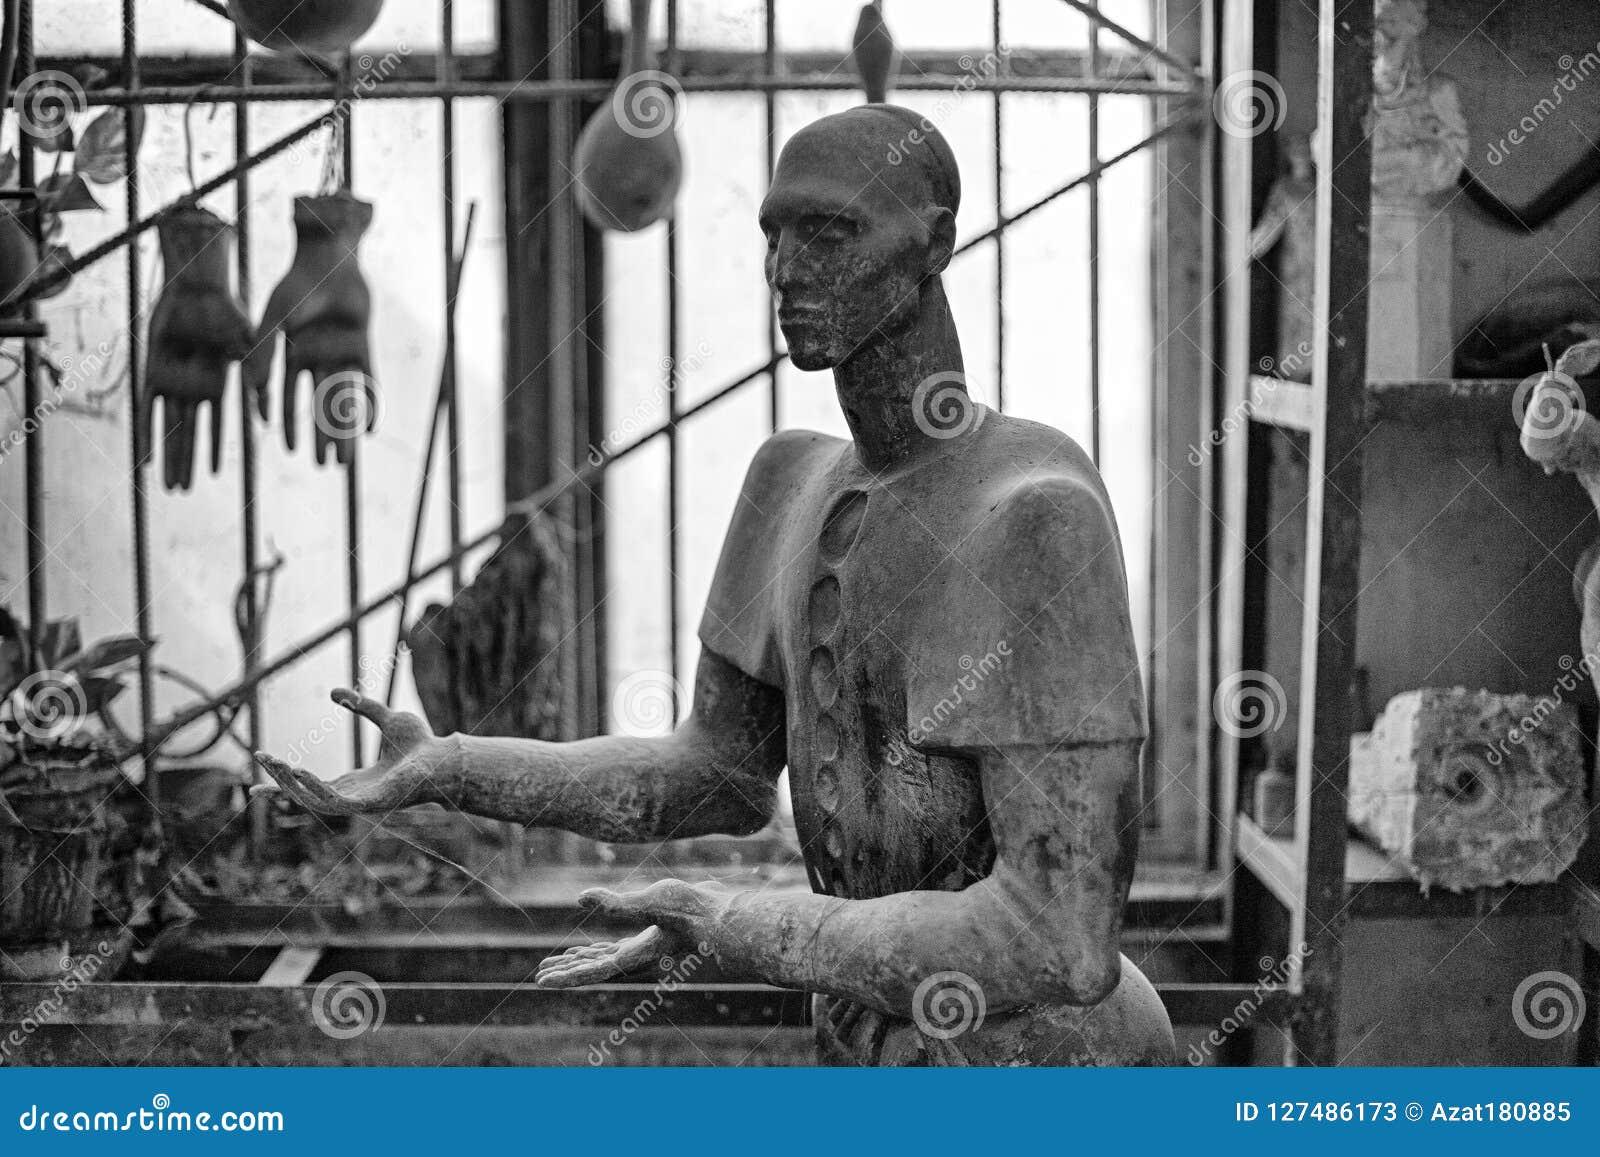 Skulptur des Kopfes des Unbekannten in der Bildhauer ` s Werkstatt Bild in Schwarzweiss